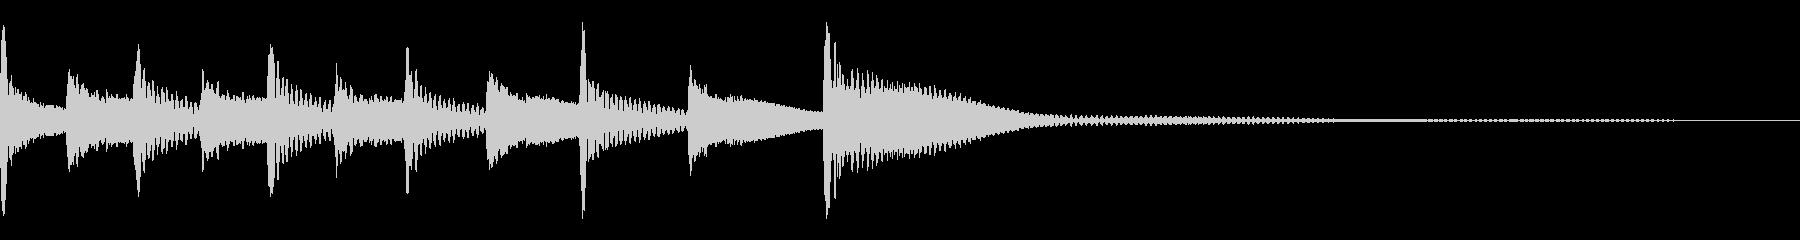 ティンパニを交互に叩く効果音の未再生の波形